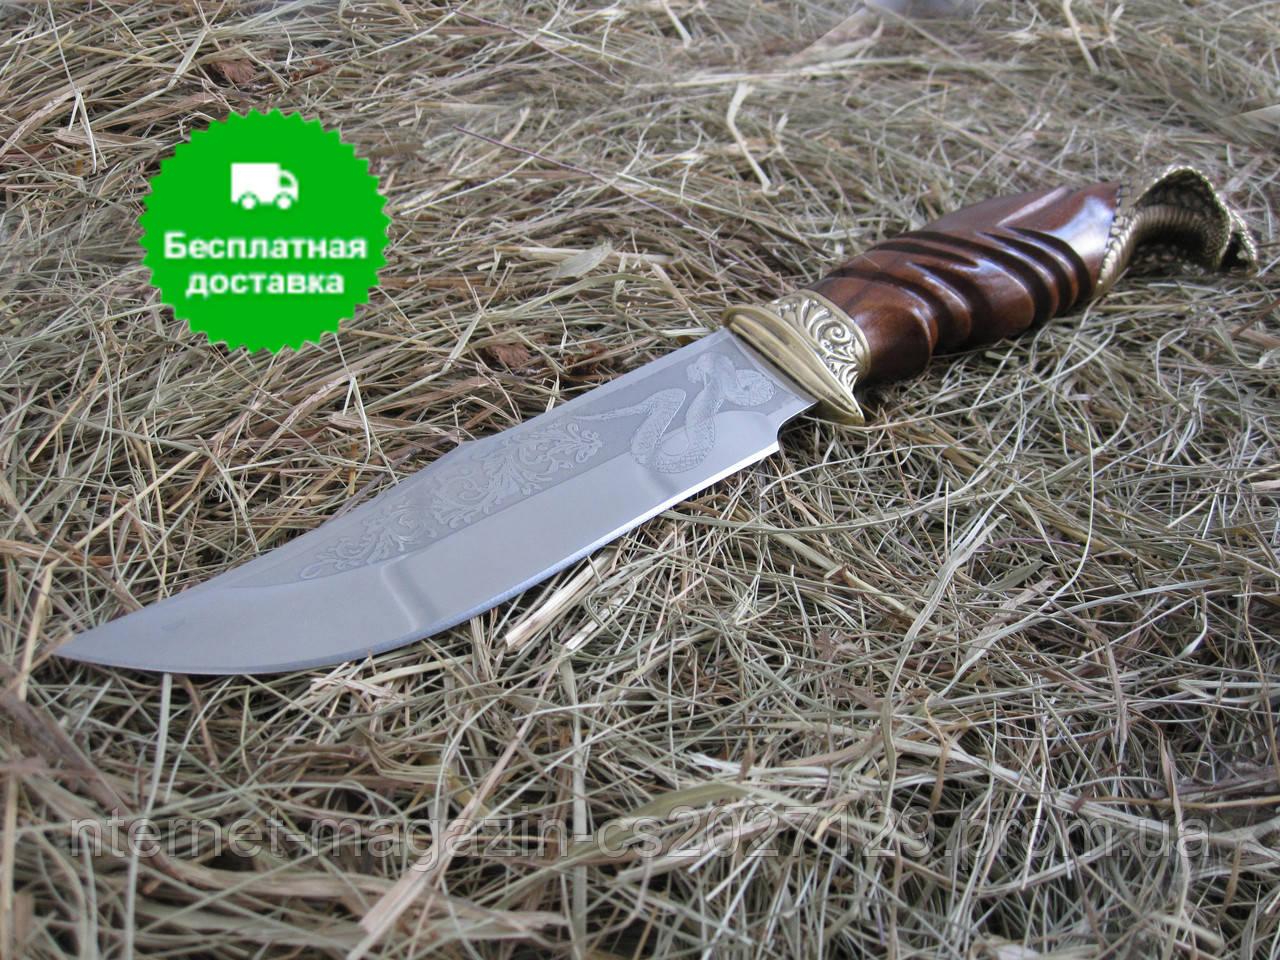 Охотничий нож Кобра